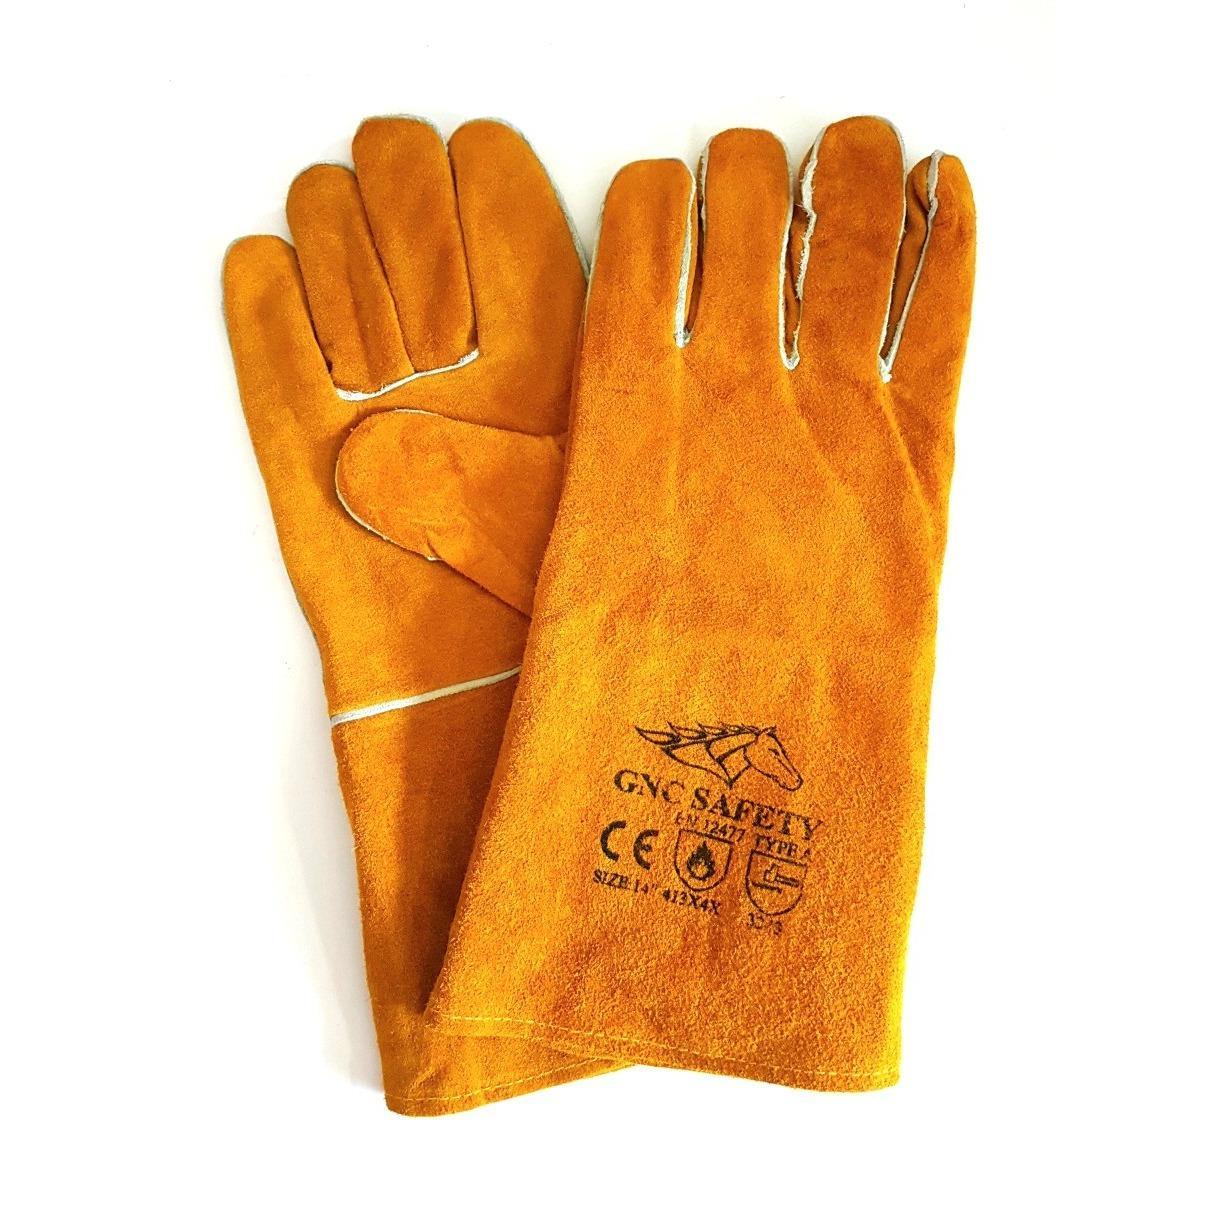 Hình ảnh Găng tay da thợ hàn GNC màu cam(Orange)